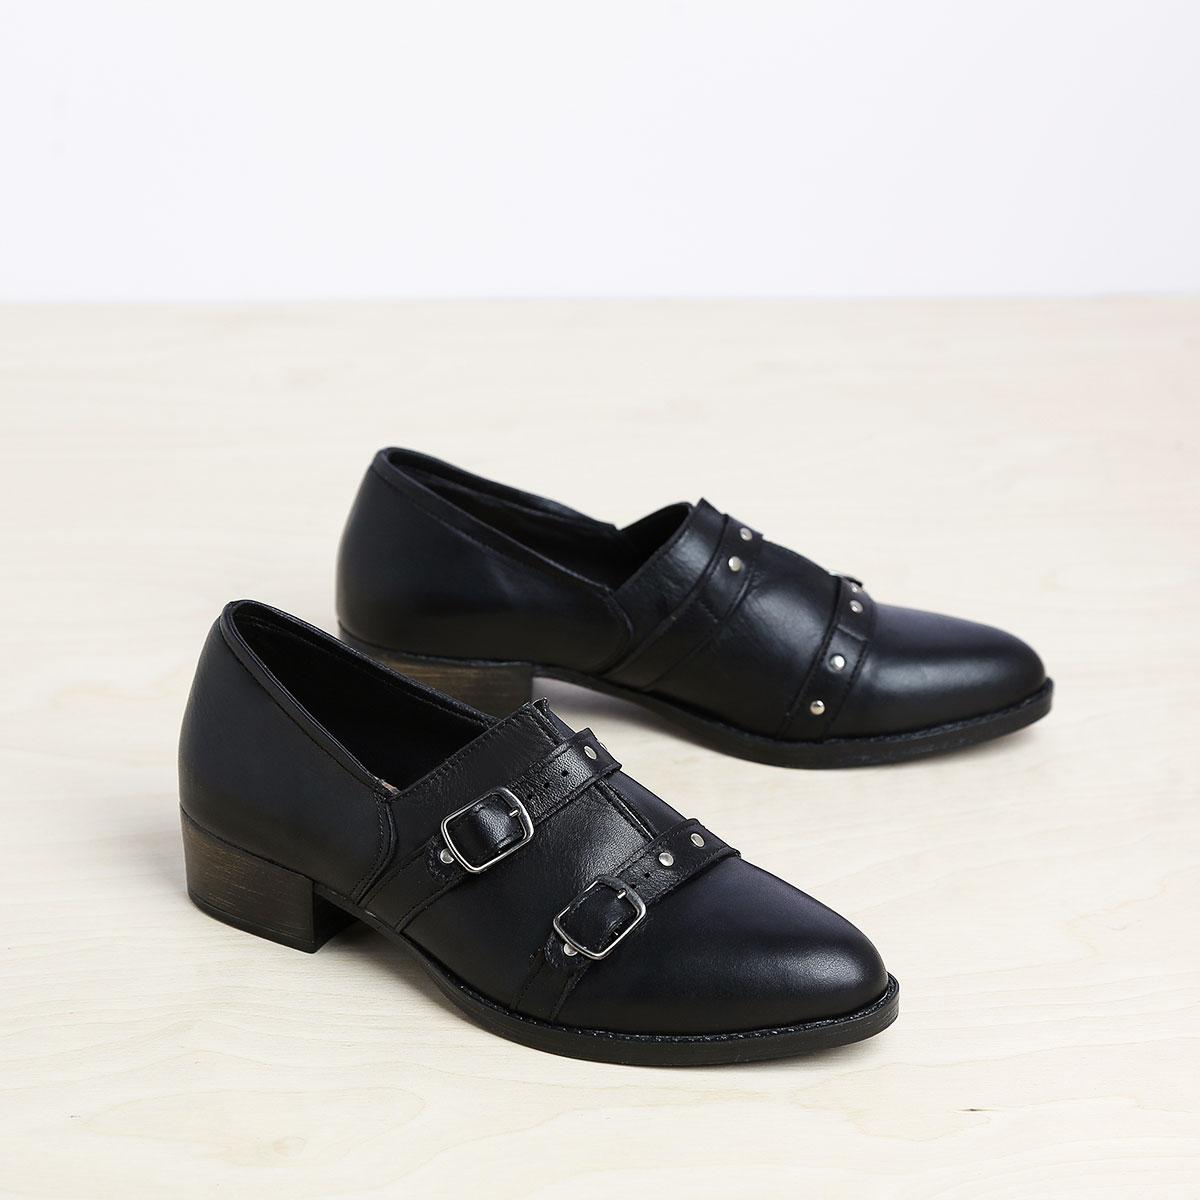 בלעדי לאתר - דגם ציריך: נעלי אוקספורד לנשים בצבע שחור